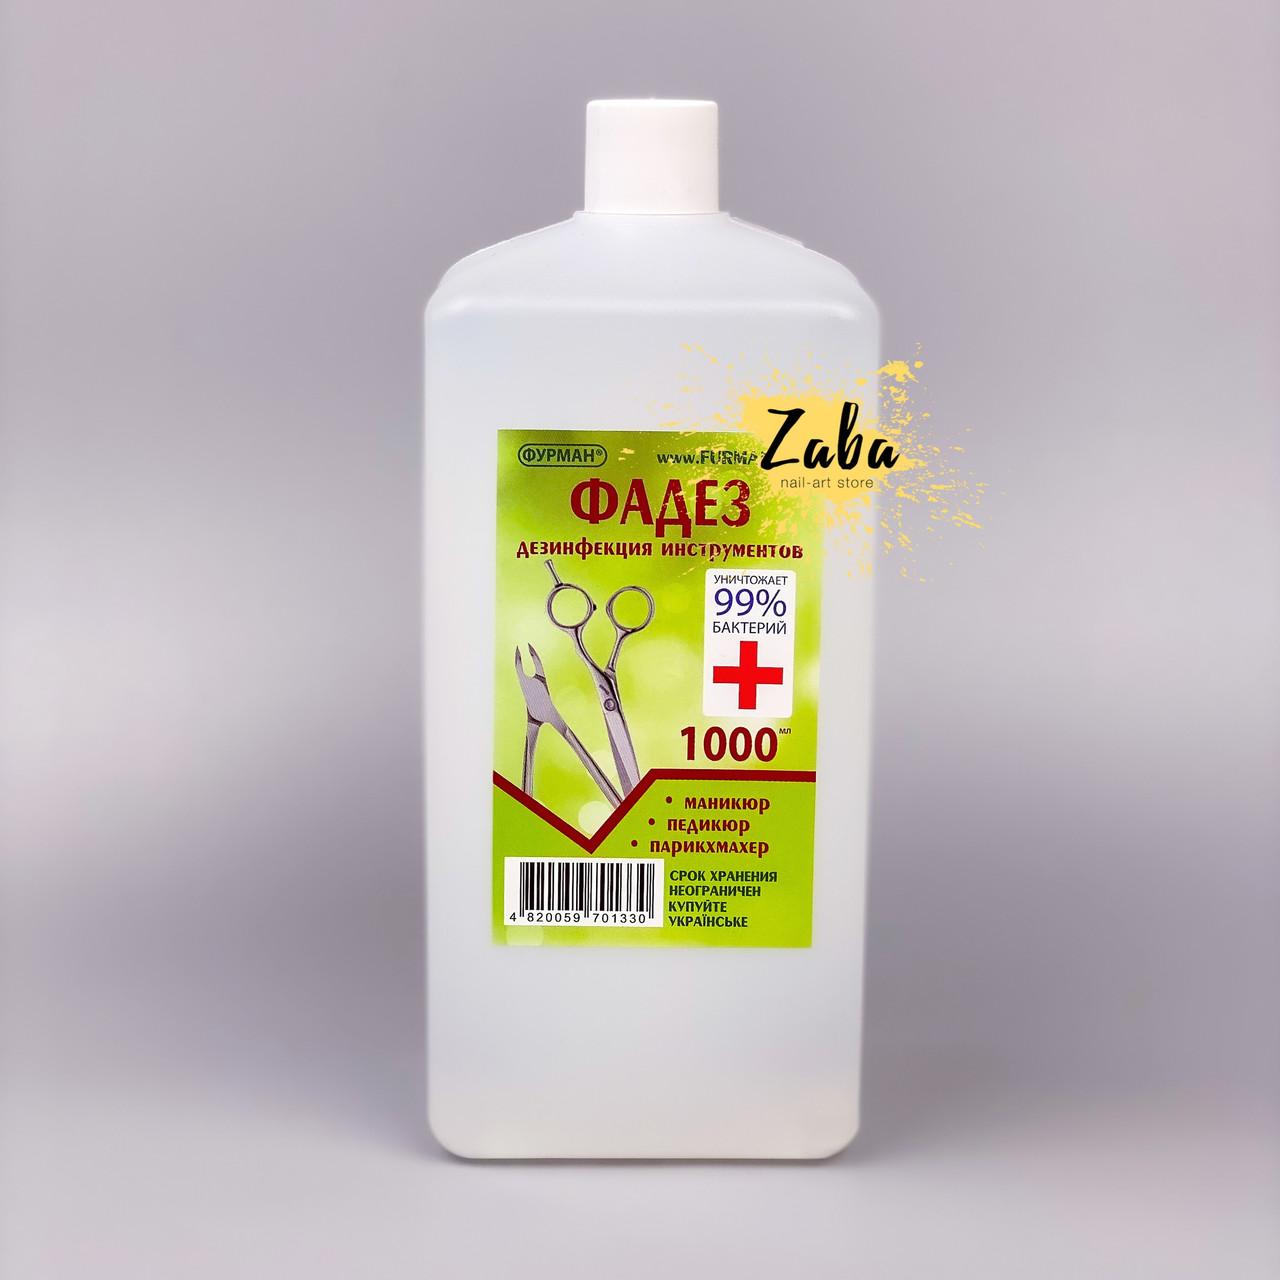 Жидкость для дезинфекции инструментов Фадез, 1000 мл